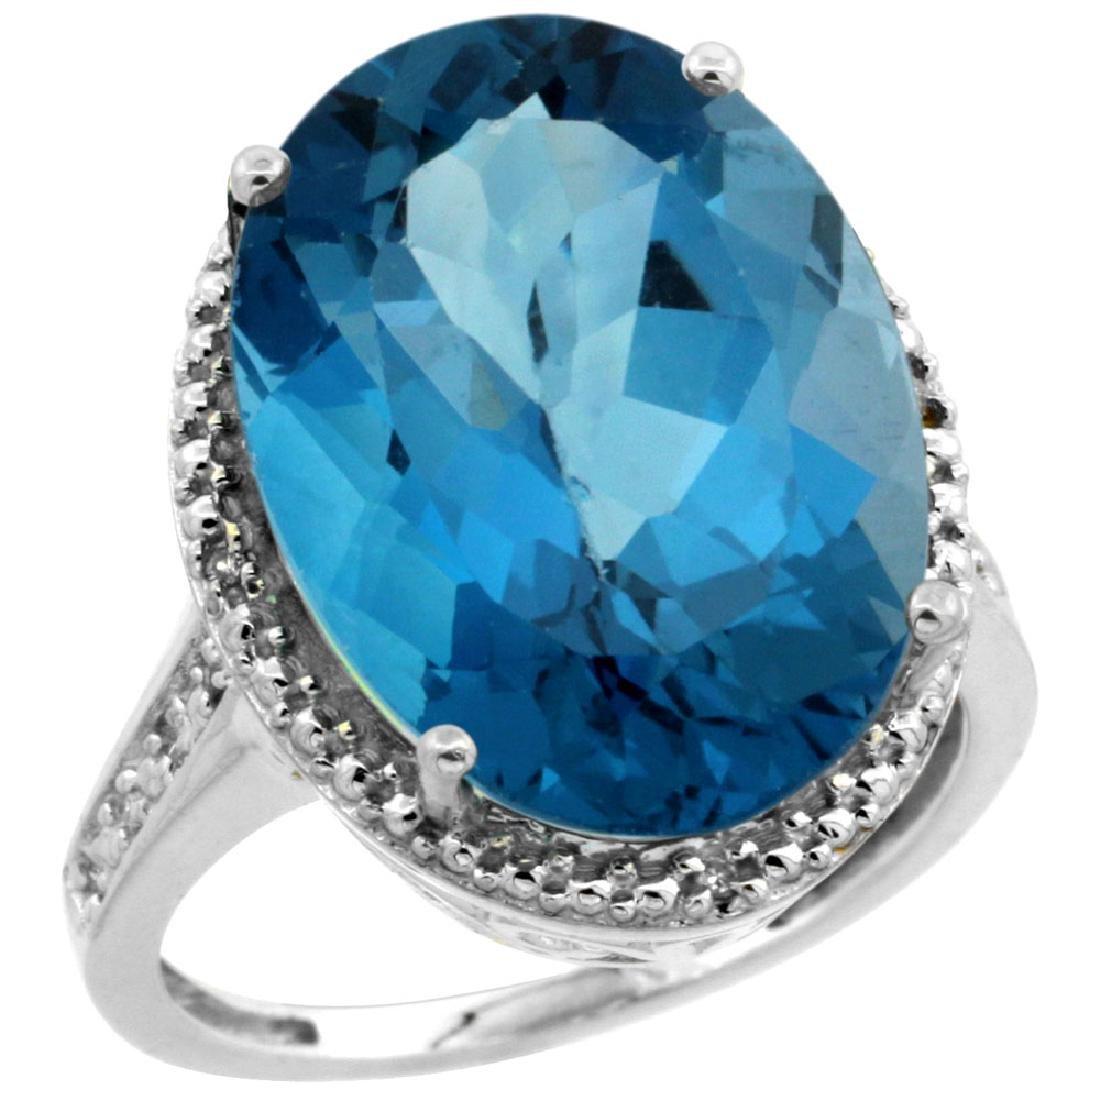 Natural 13.6 ctw London-blue-topaz & Diamond Engagement